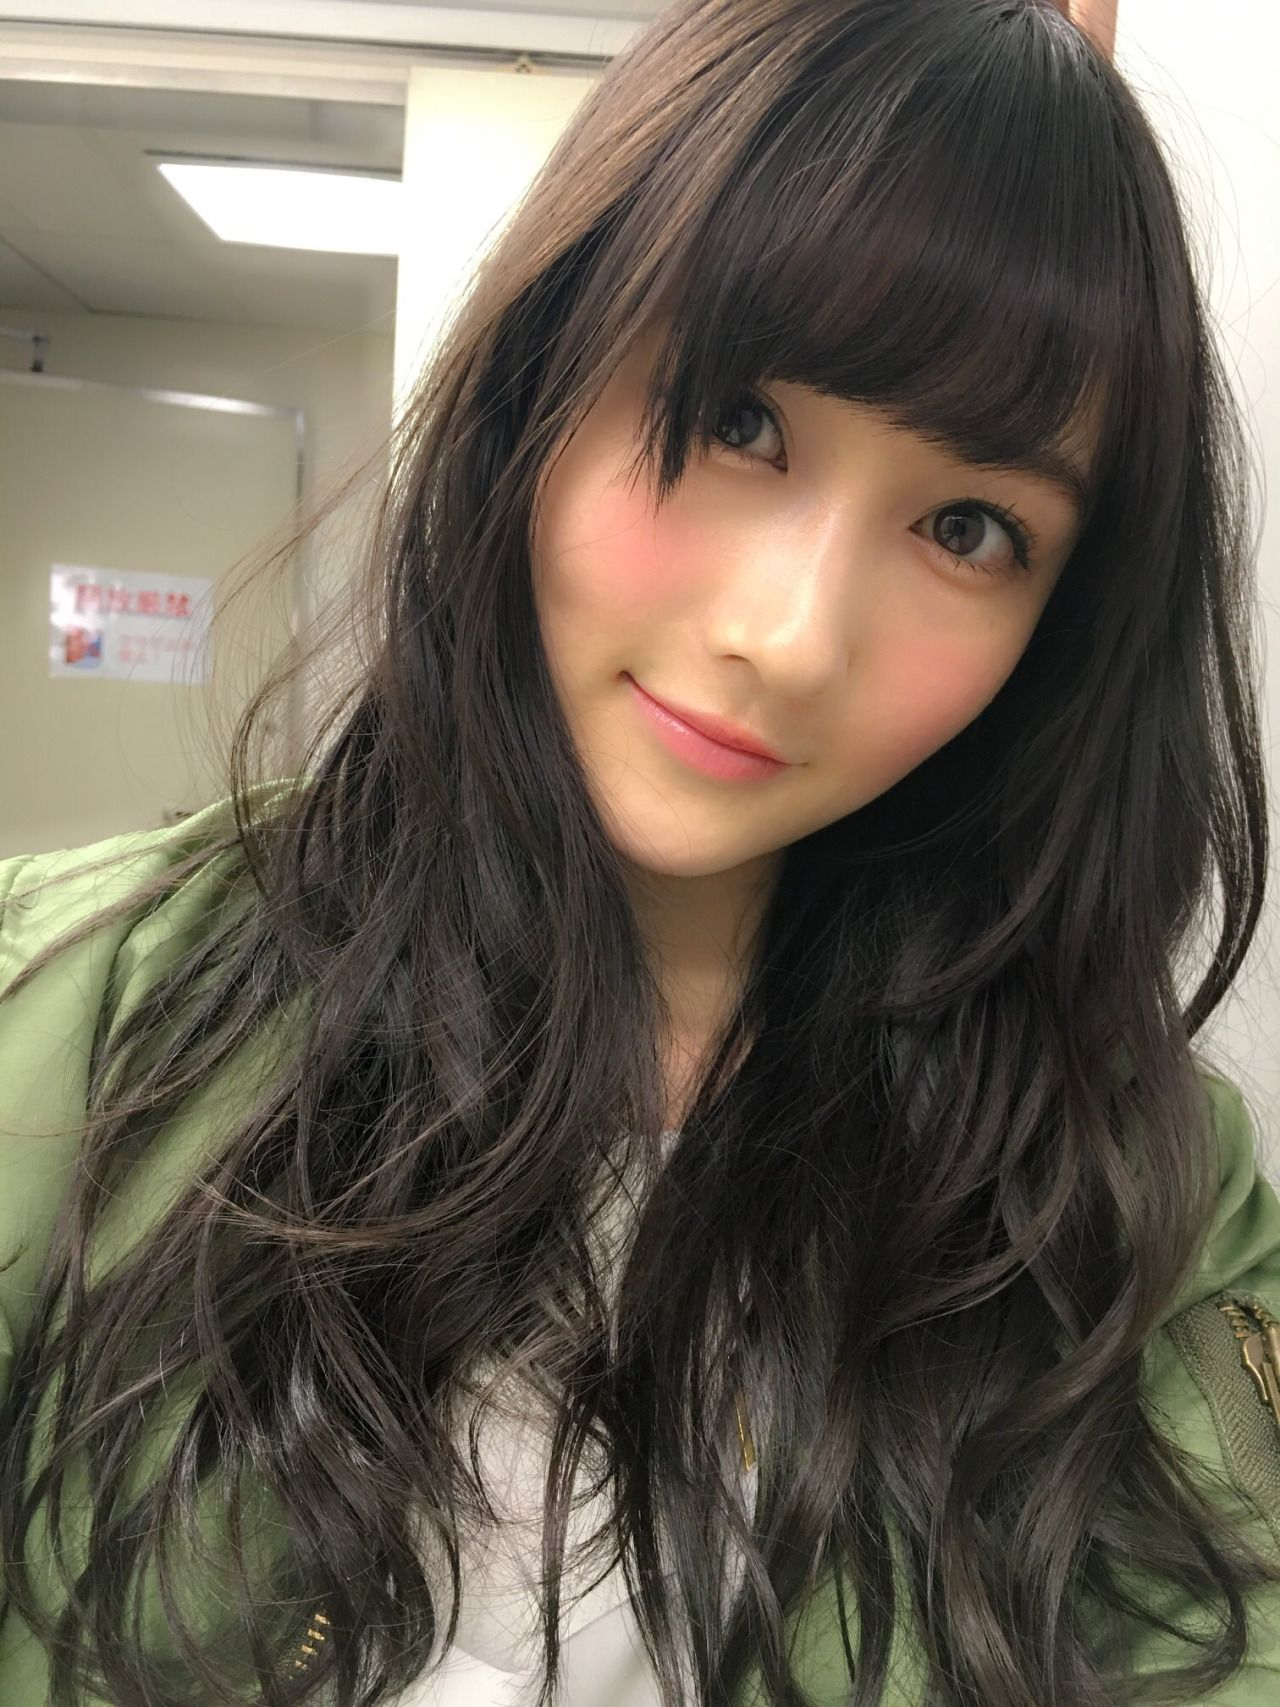 大人っぽい矢倉楓子